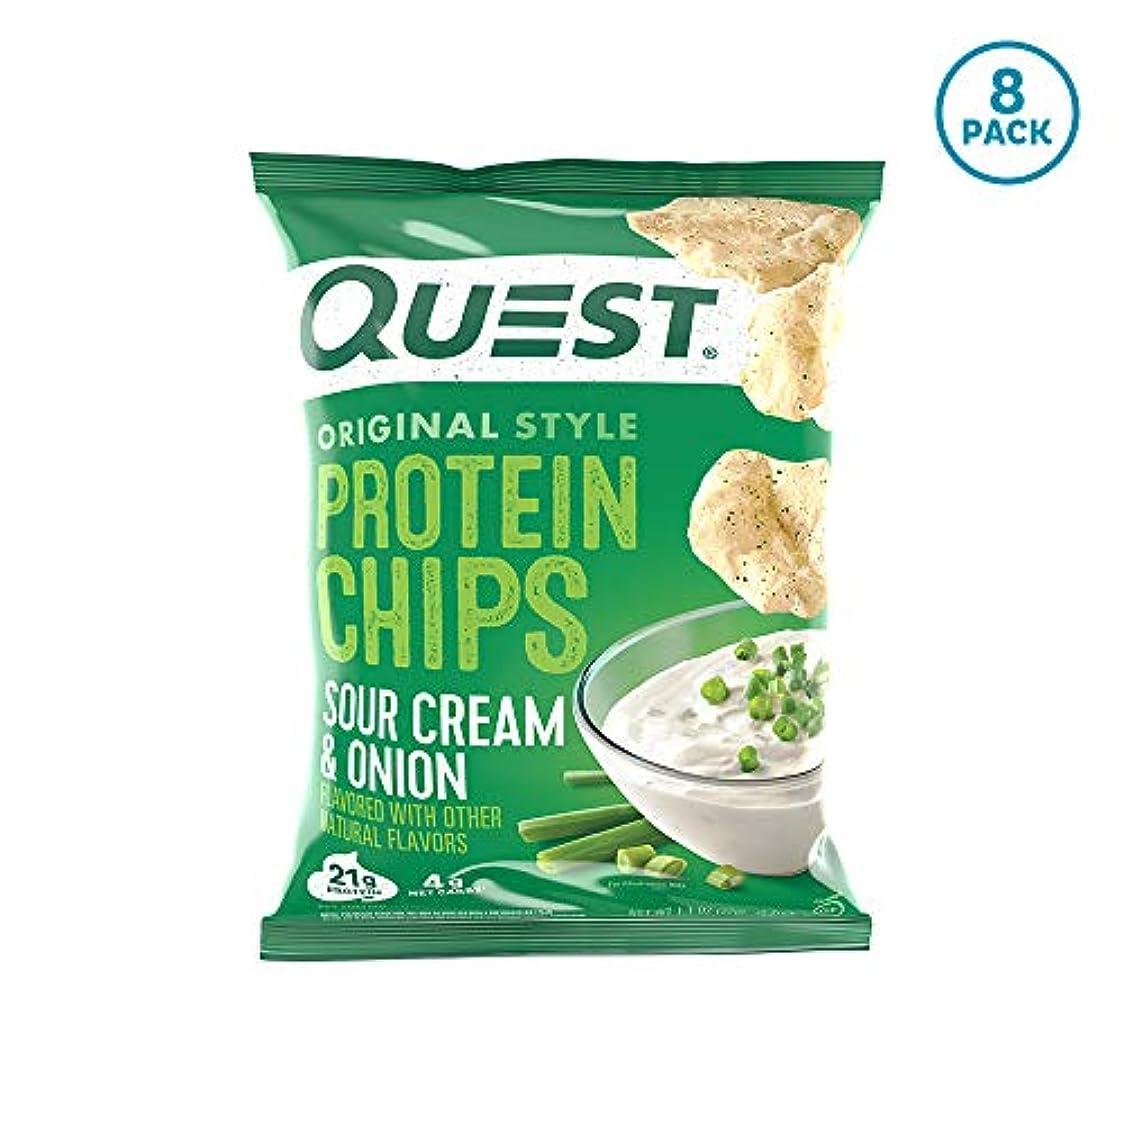 アンソロジーマグ非武装化プロテイン チップス サワークリーム&オニオン フレイバー クエスト 8袋セット 並行輸入品 Quest Nutrition Protein Chips Sour Cream & Onion Pack of 8 海外直送品